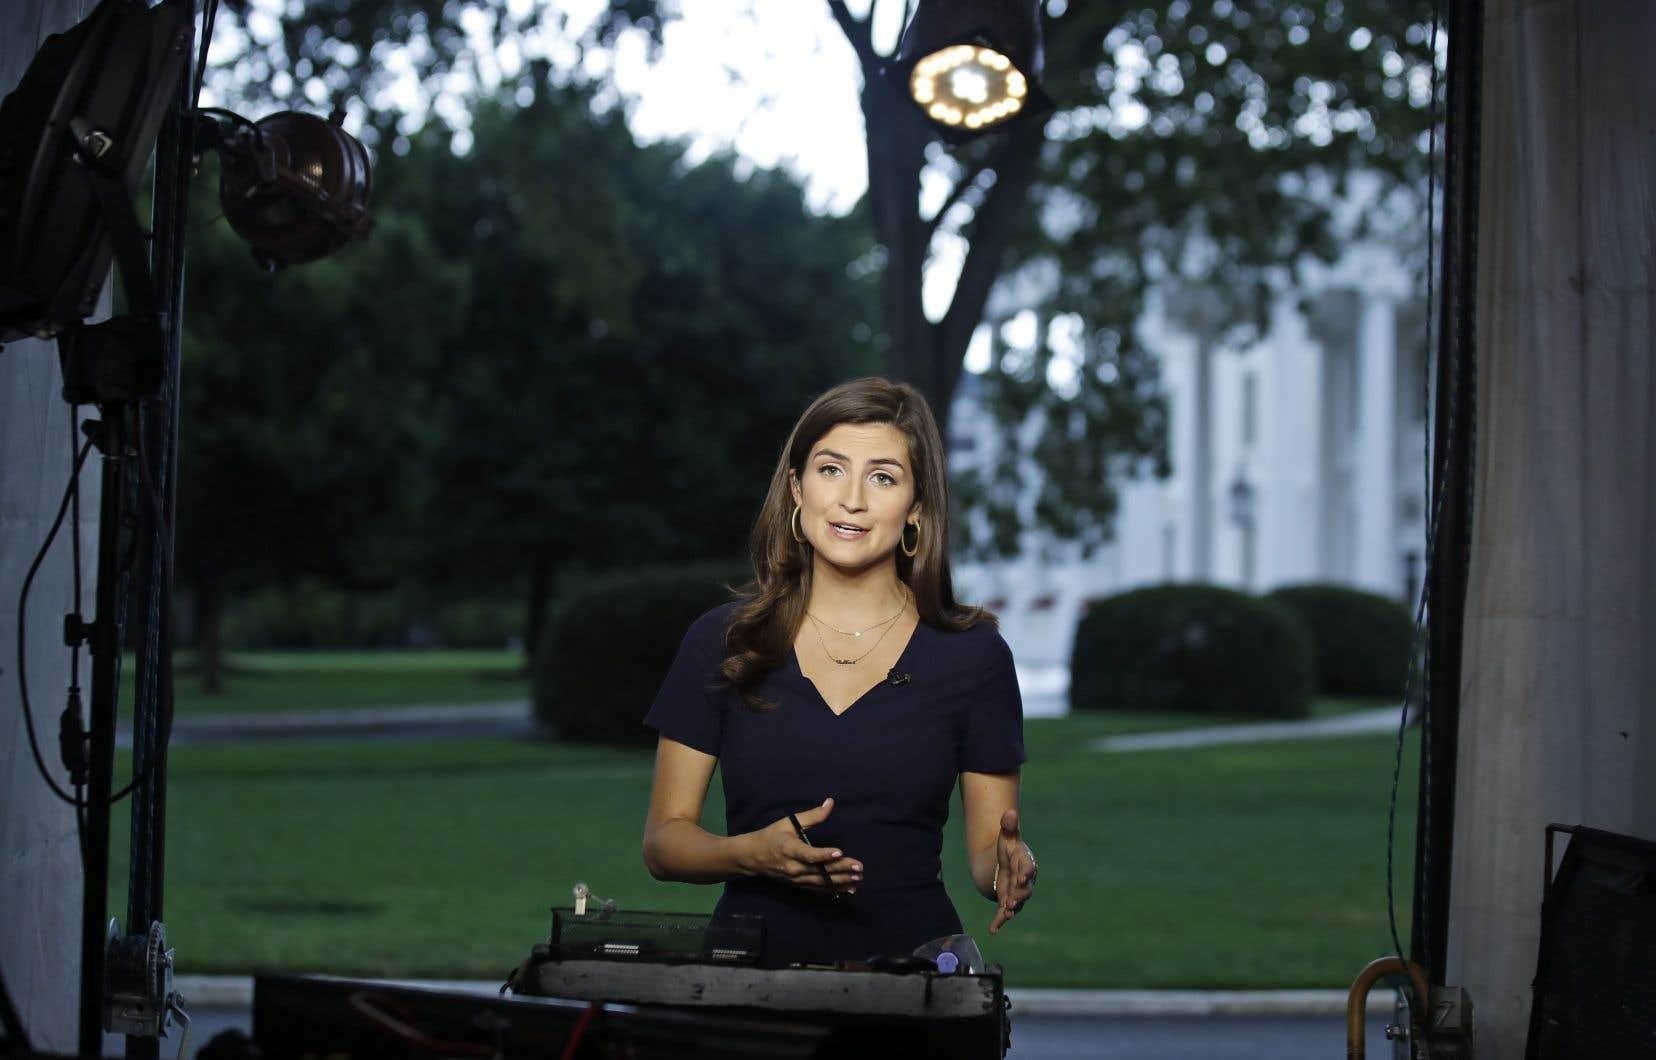 La journaliste Kaitlan Collins livre un reportage à la caméra, mercredi, devant la Maison-Blanche.